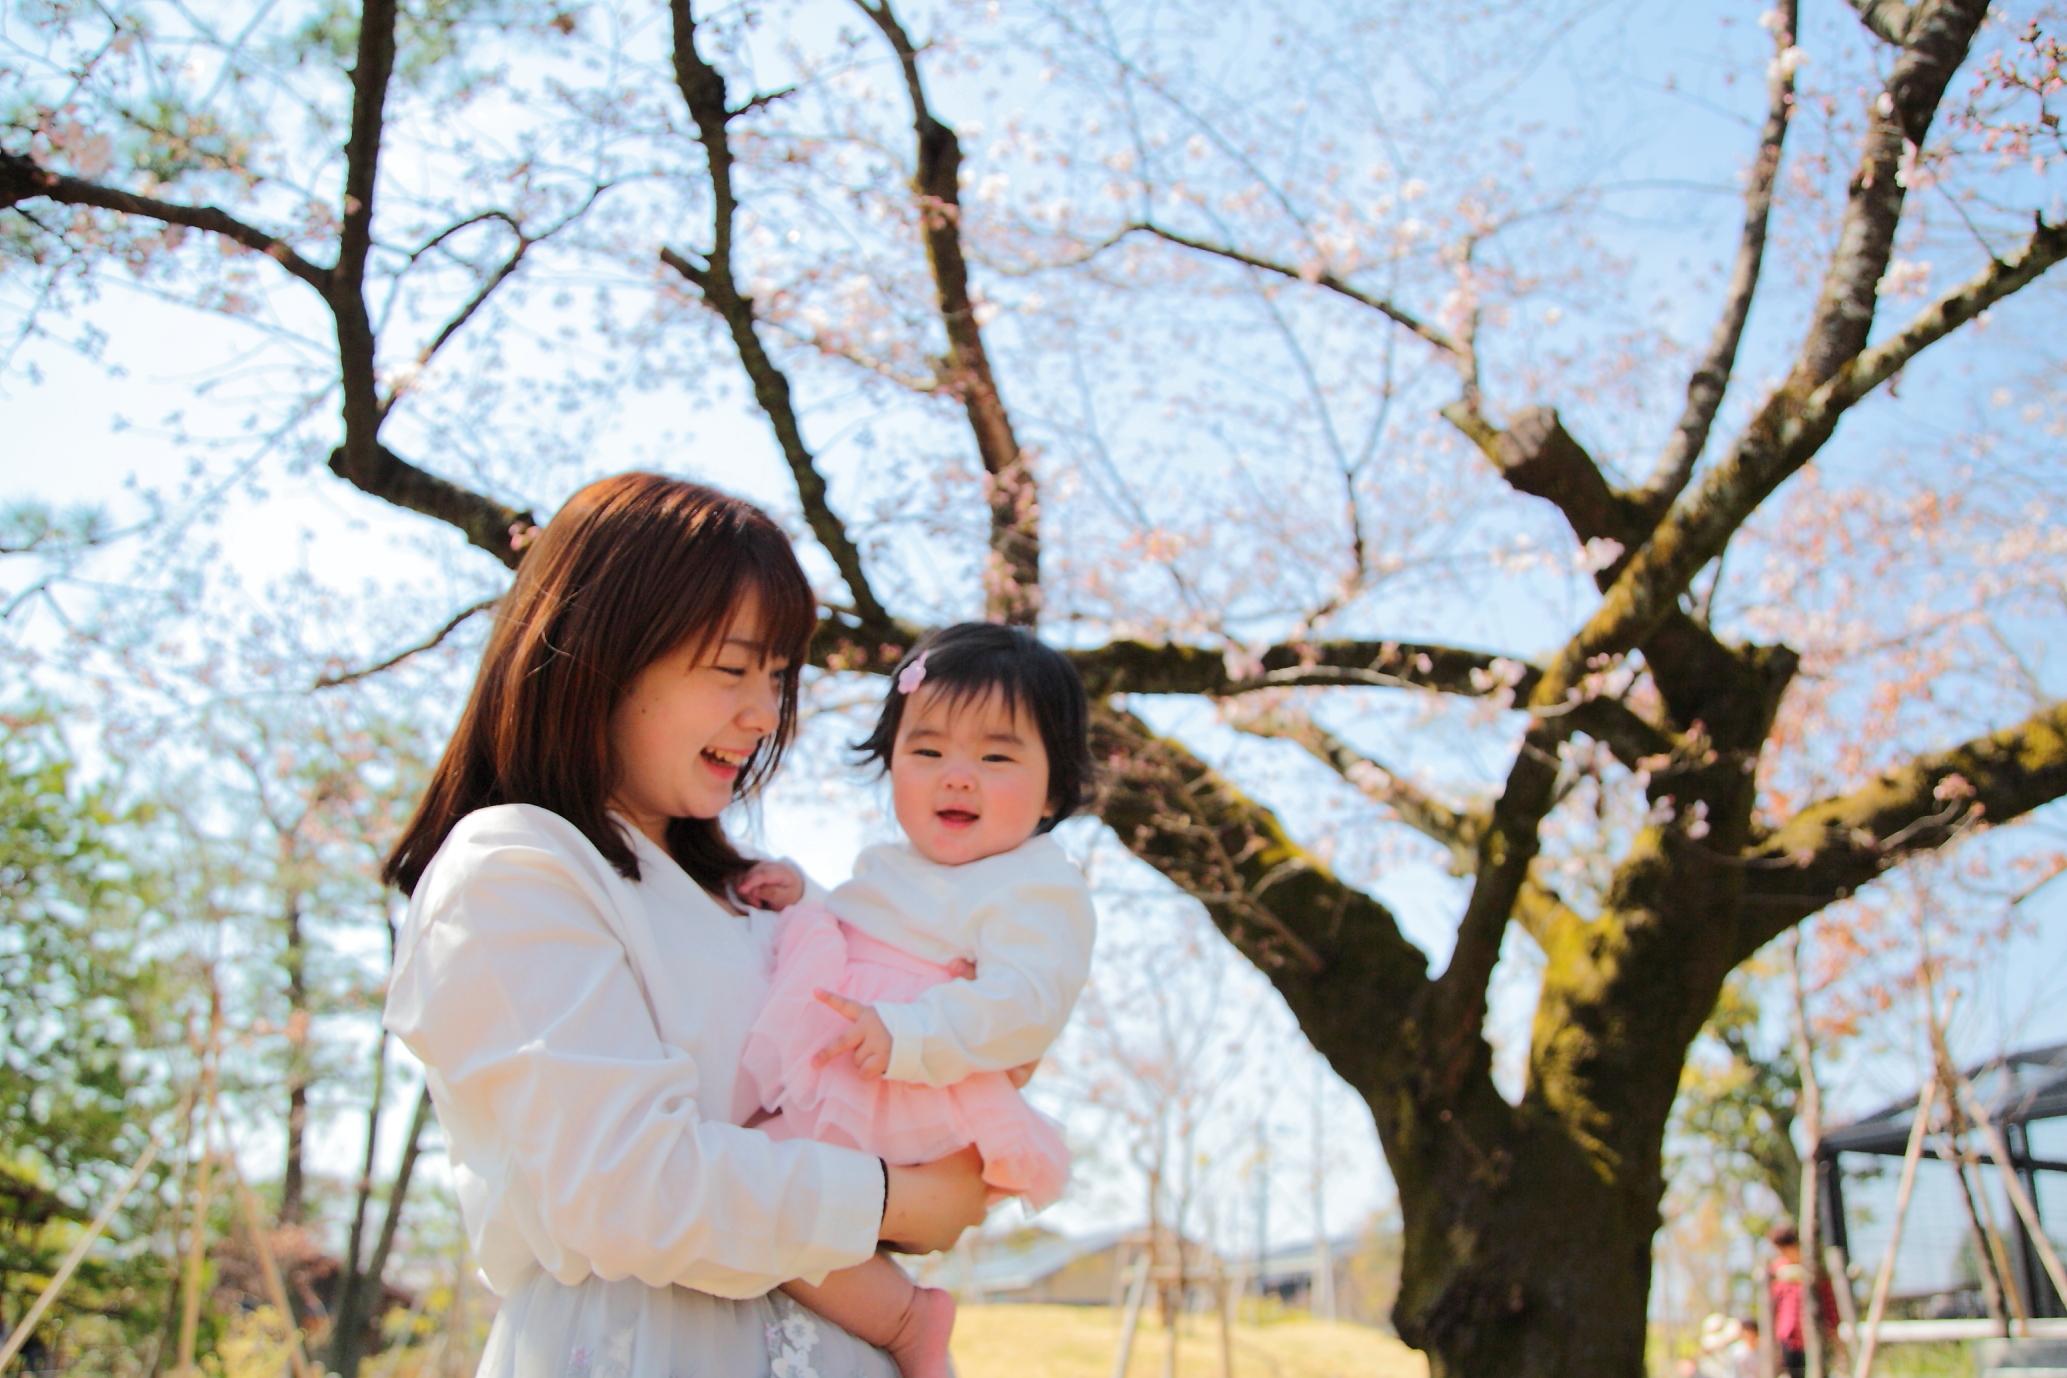 親子写真 出張撮影京都 ママ&キッズ出張撮影